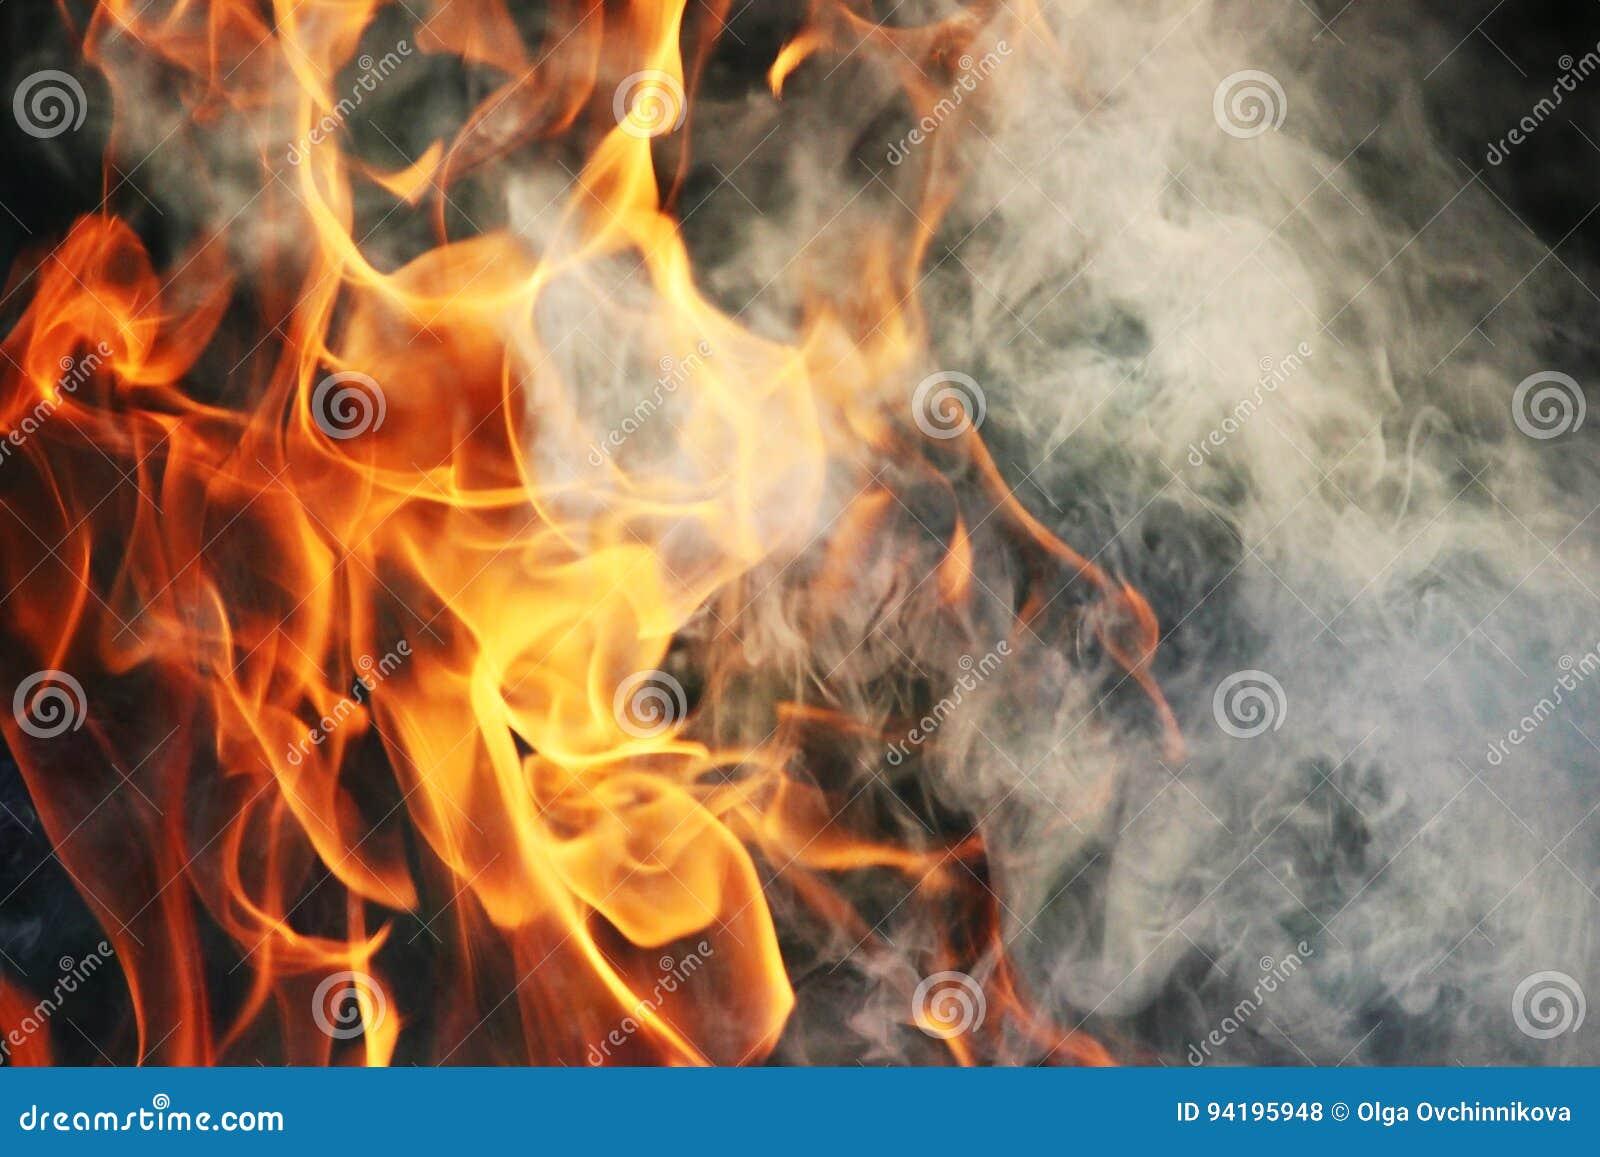 Obrządkowy taniec ogień i dym przeciw tłu zielona trawa trzy elementy